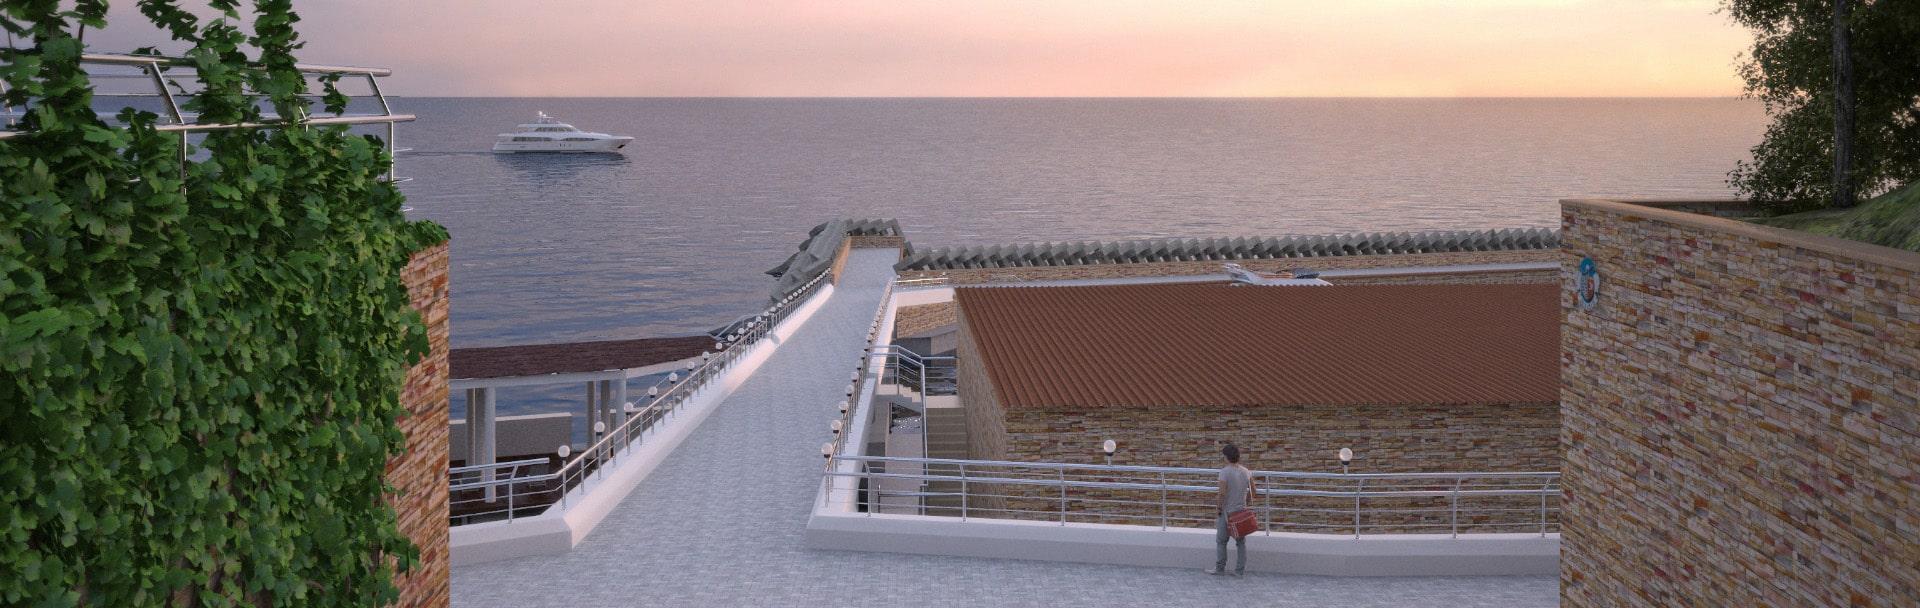 Реконструкция причала базы Sea-Club